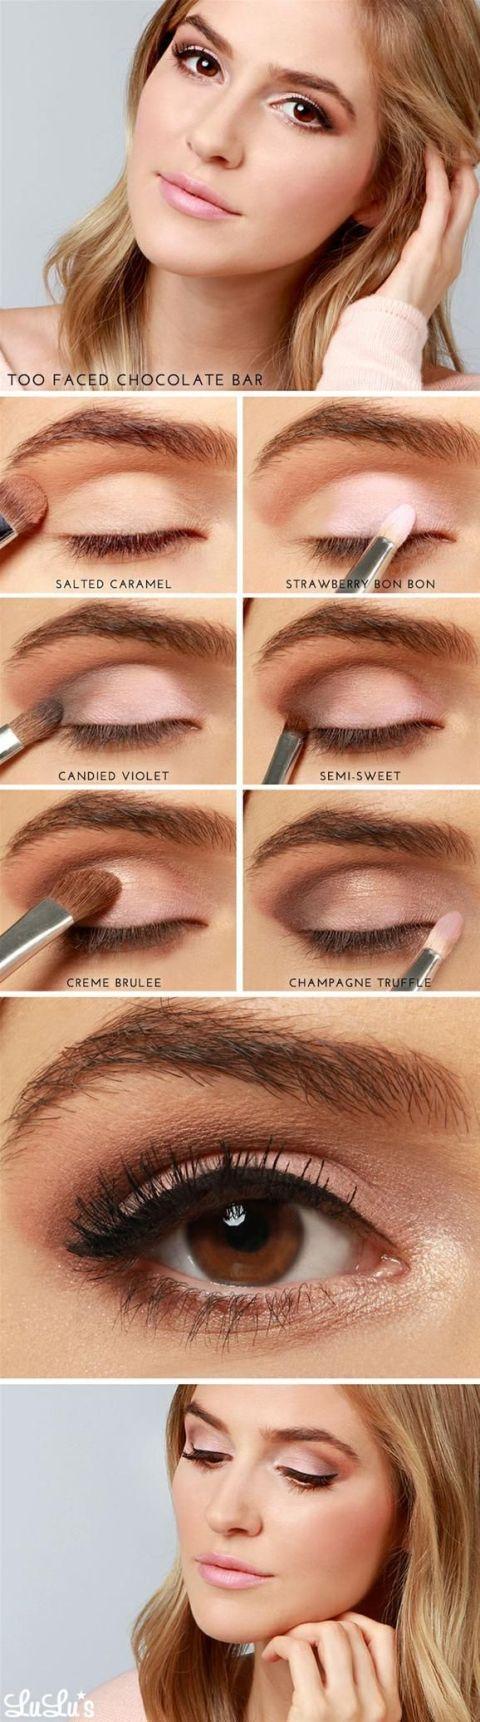 17 Best Light Smoky Eye Makeup Tutorials for Summer ...